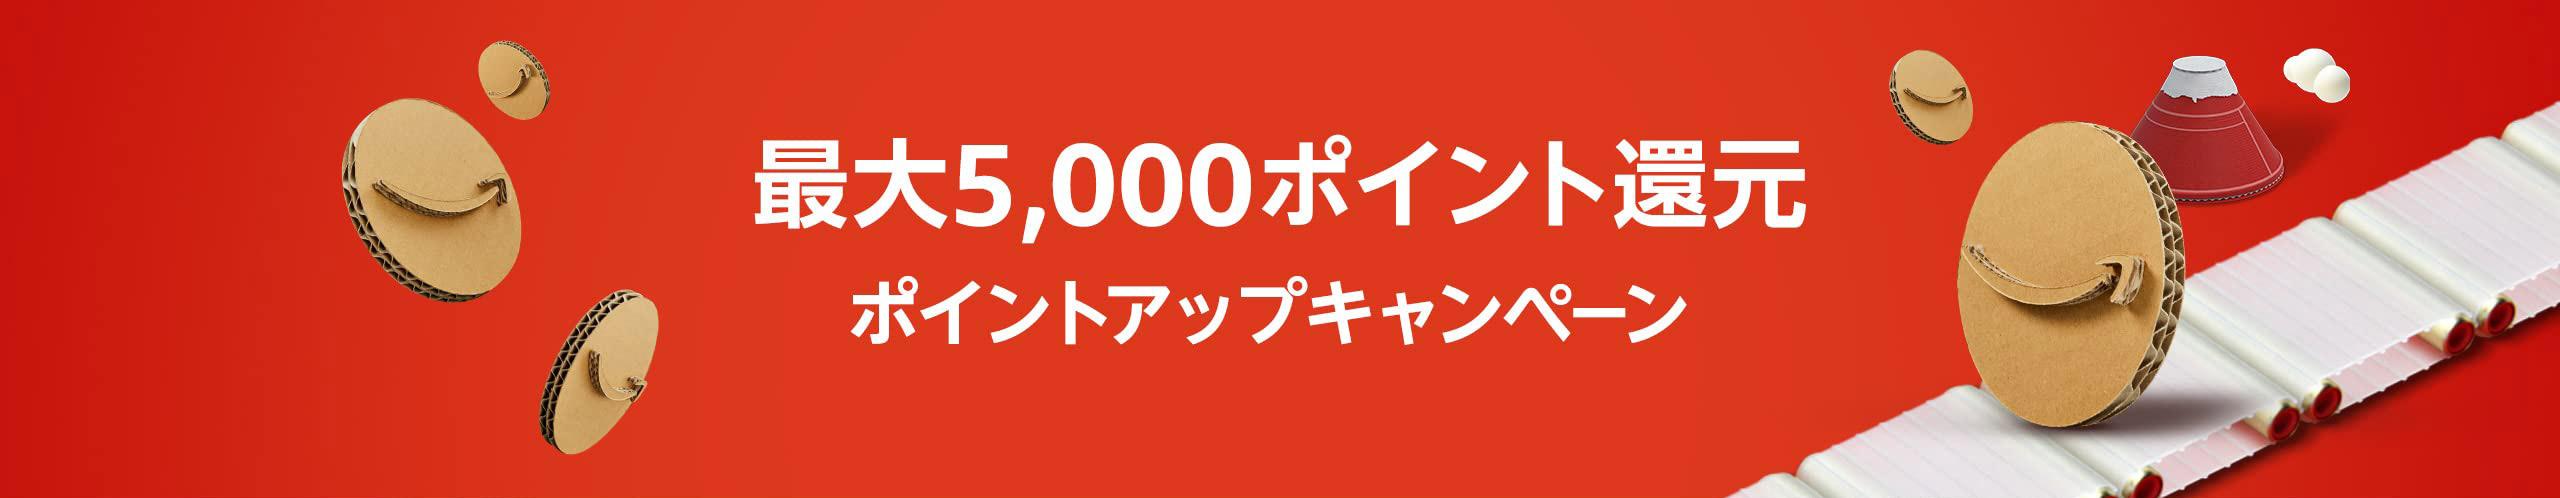 最大10,000ポイント獲得キャンペーン